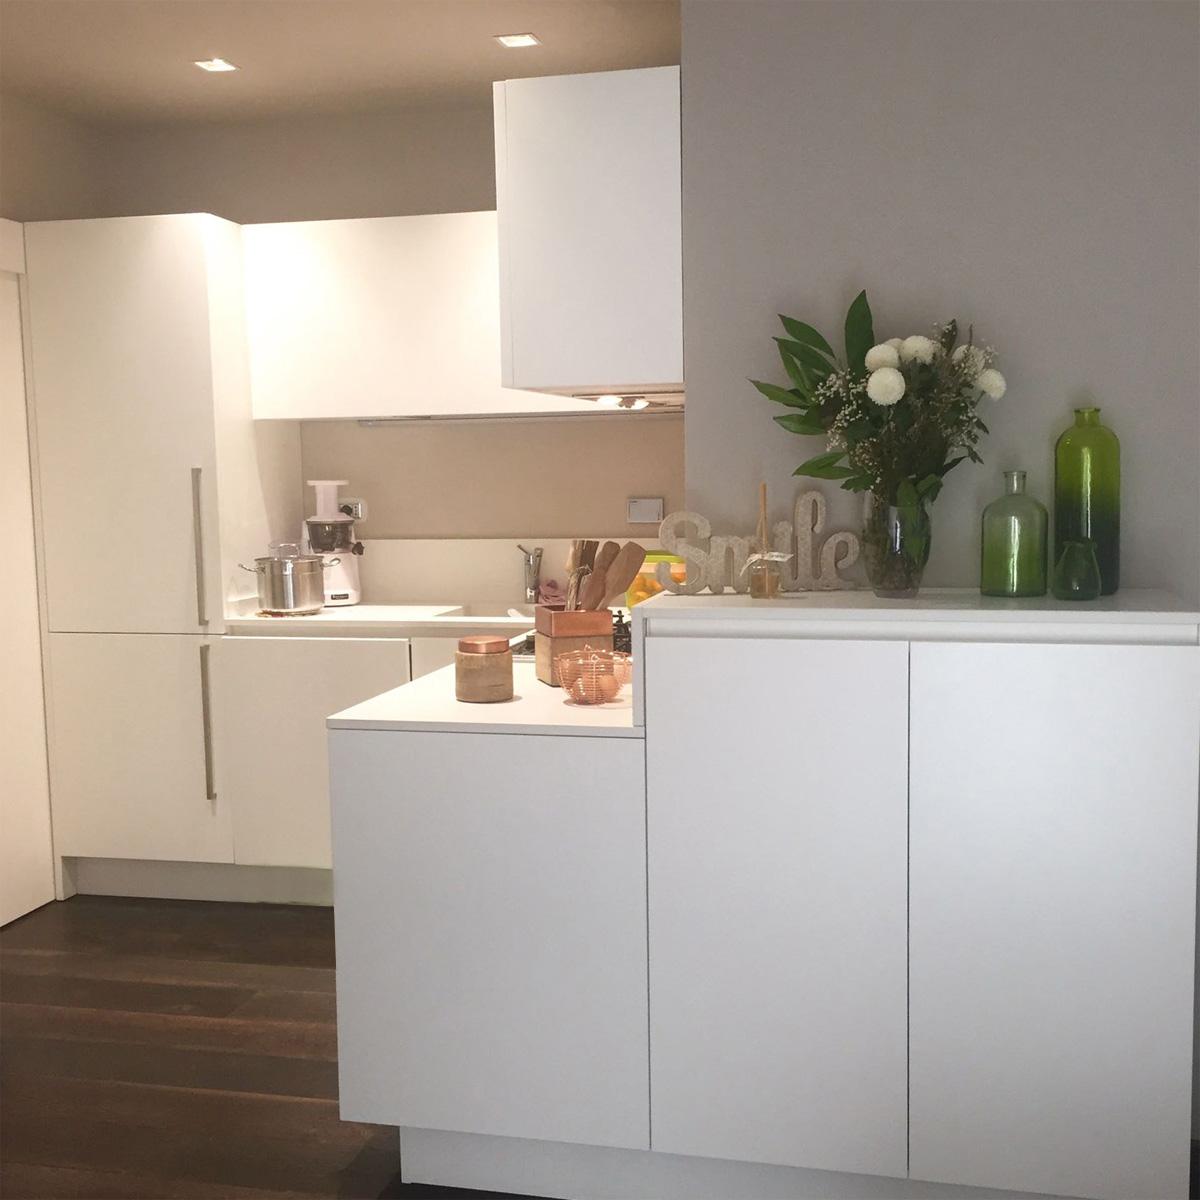 Casa GL2 - Cucina colore bianco con faretti da incasso, porta oggetti in vetro e sughero - Tommaso Vecci